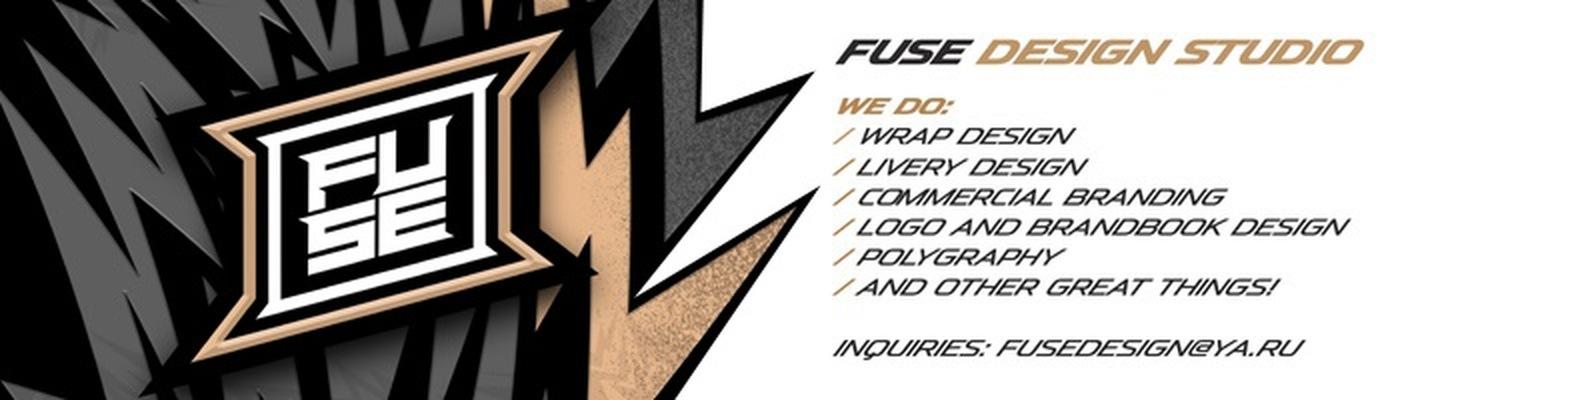 FUSE™ design studio   VK